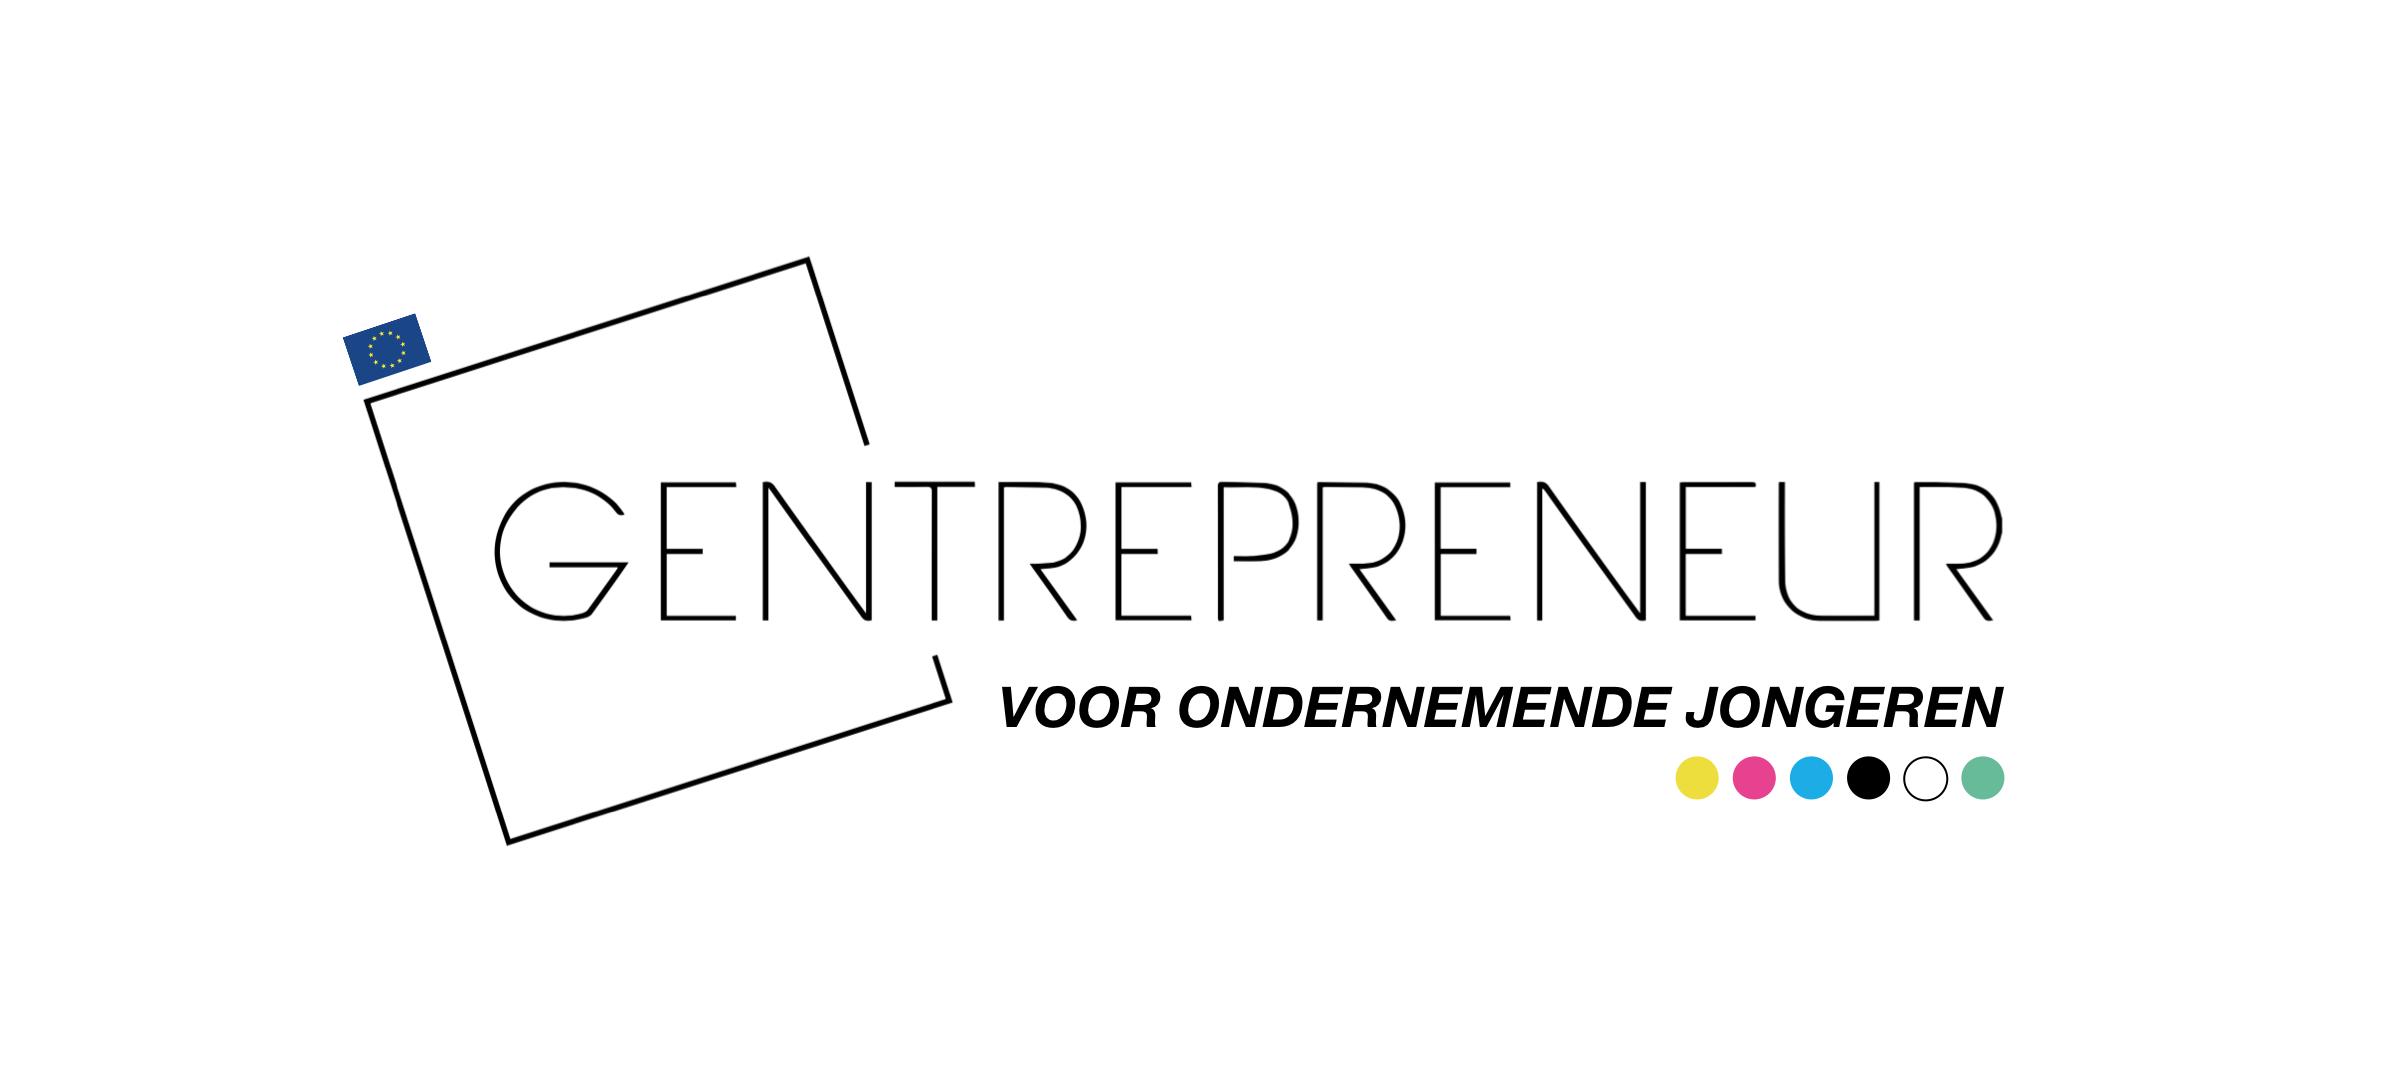 Gentrepreneur_logo